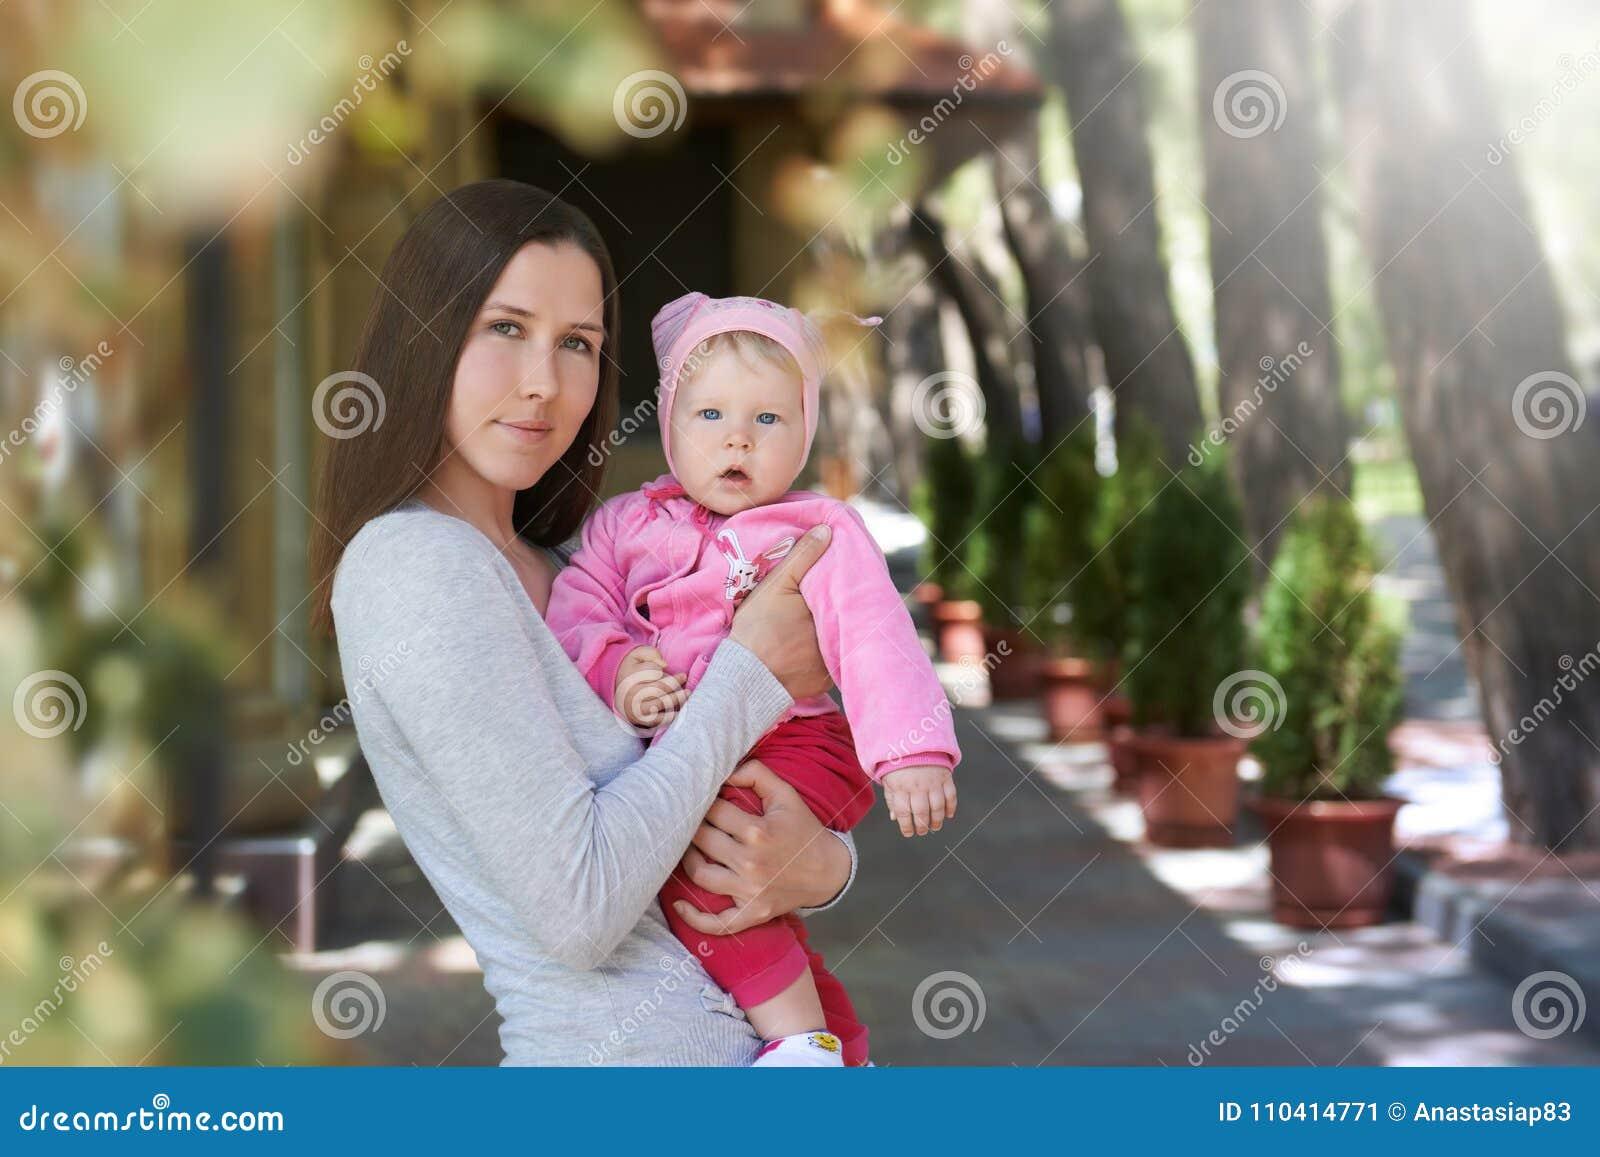 Πορτρέτο οδών της νέας μητέρας που αγκαλιάζει την κόρη της με την αγάπη